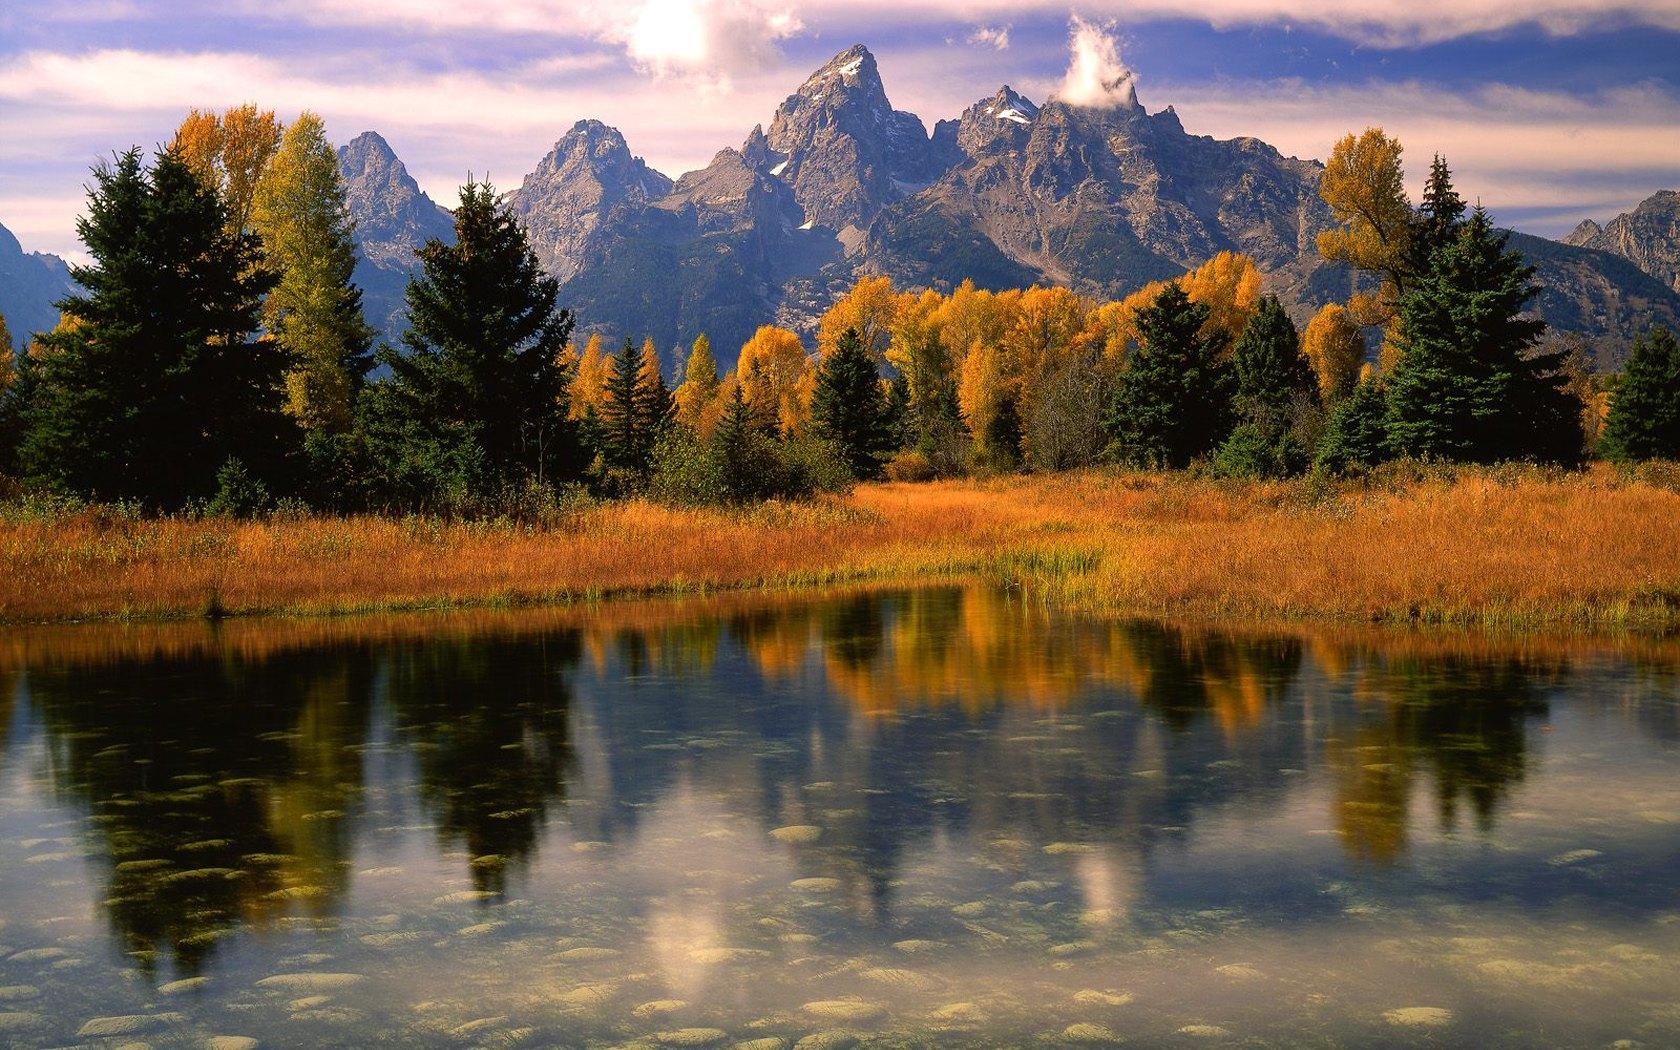 山水 山水风景 山水风景桌面壁纸高清图片